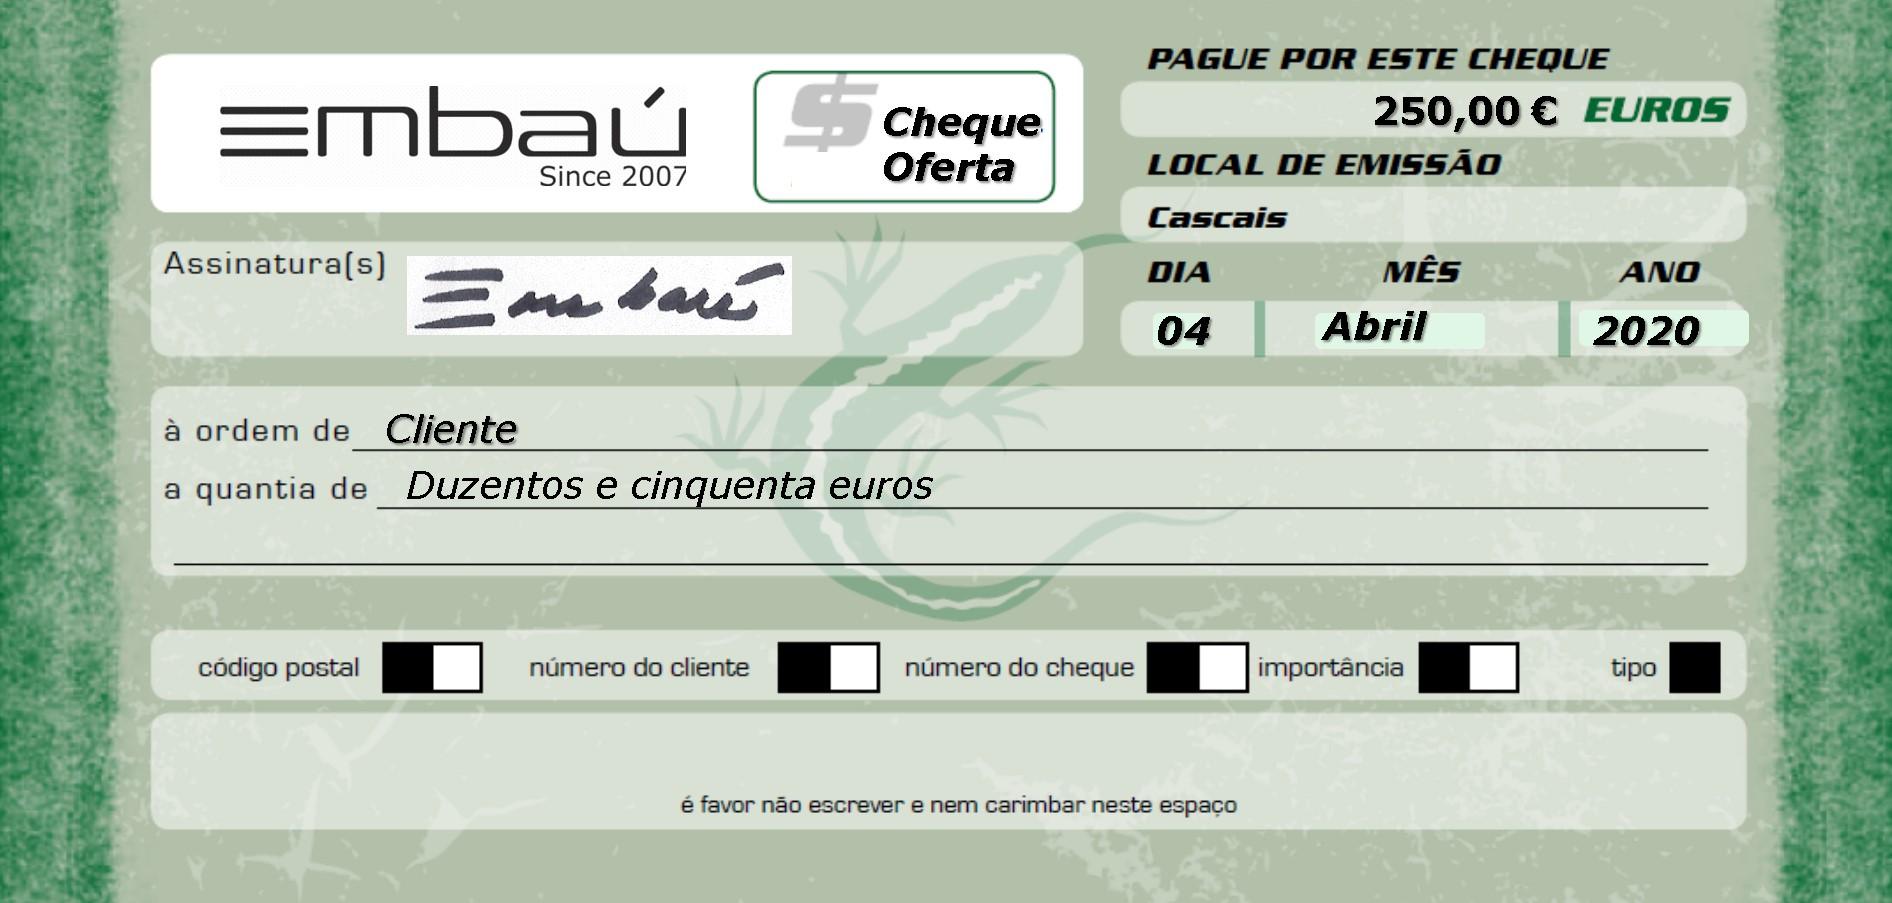 Cheque-Oferta Embaú 250